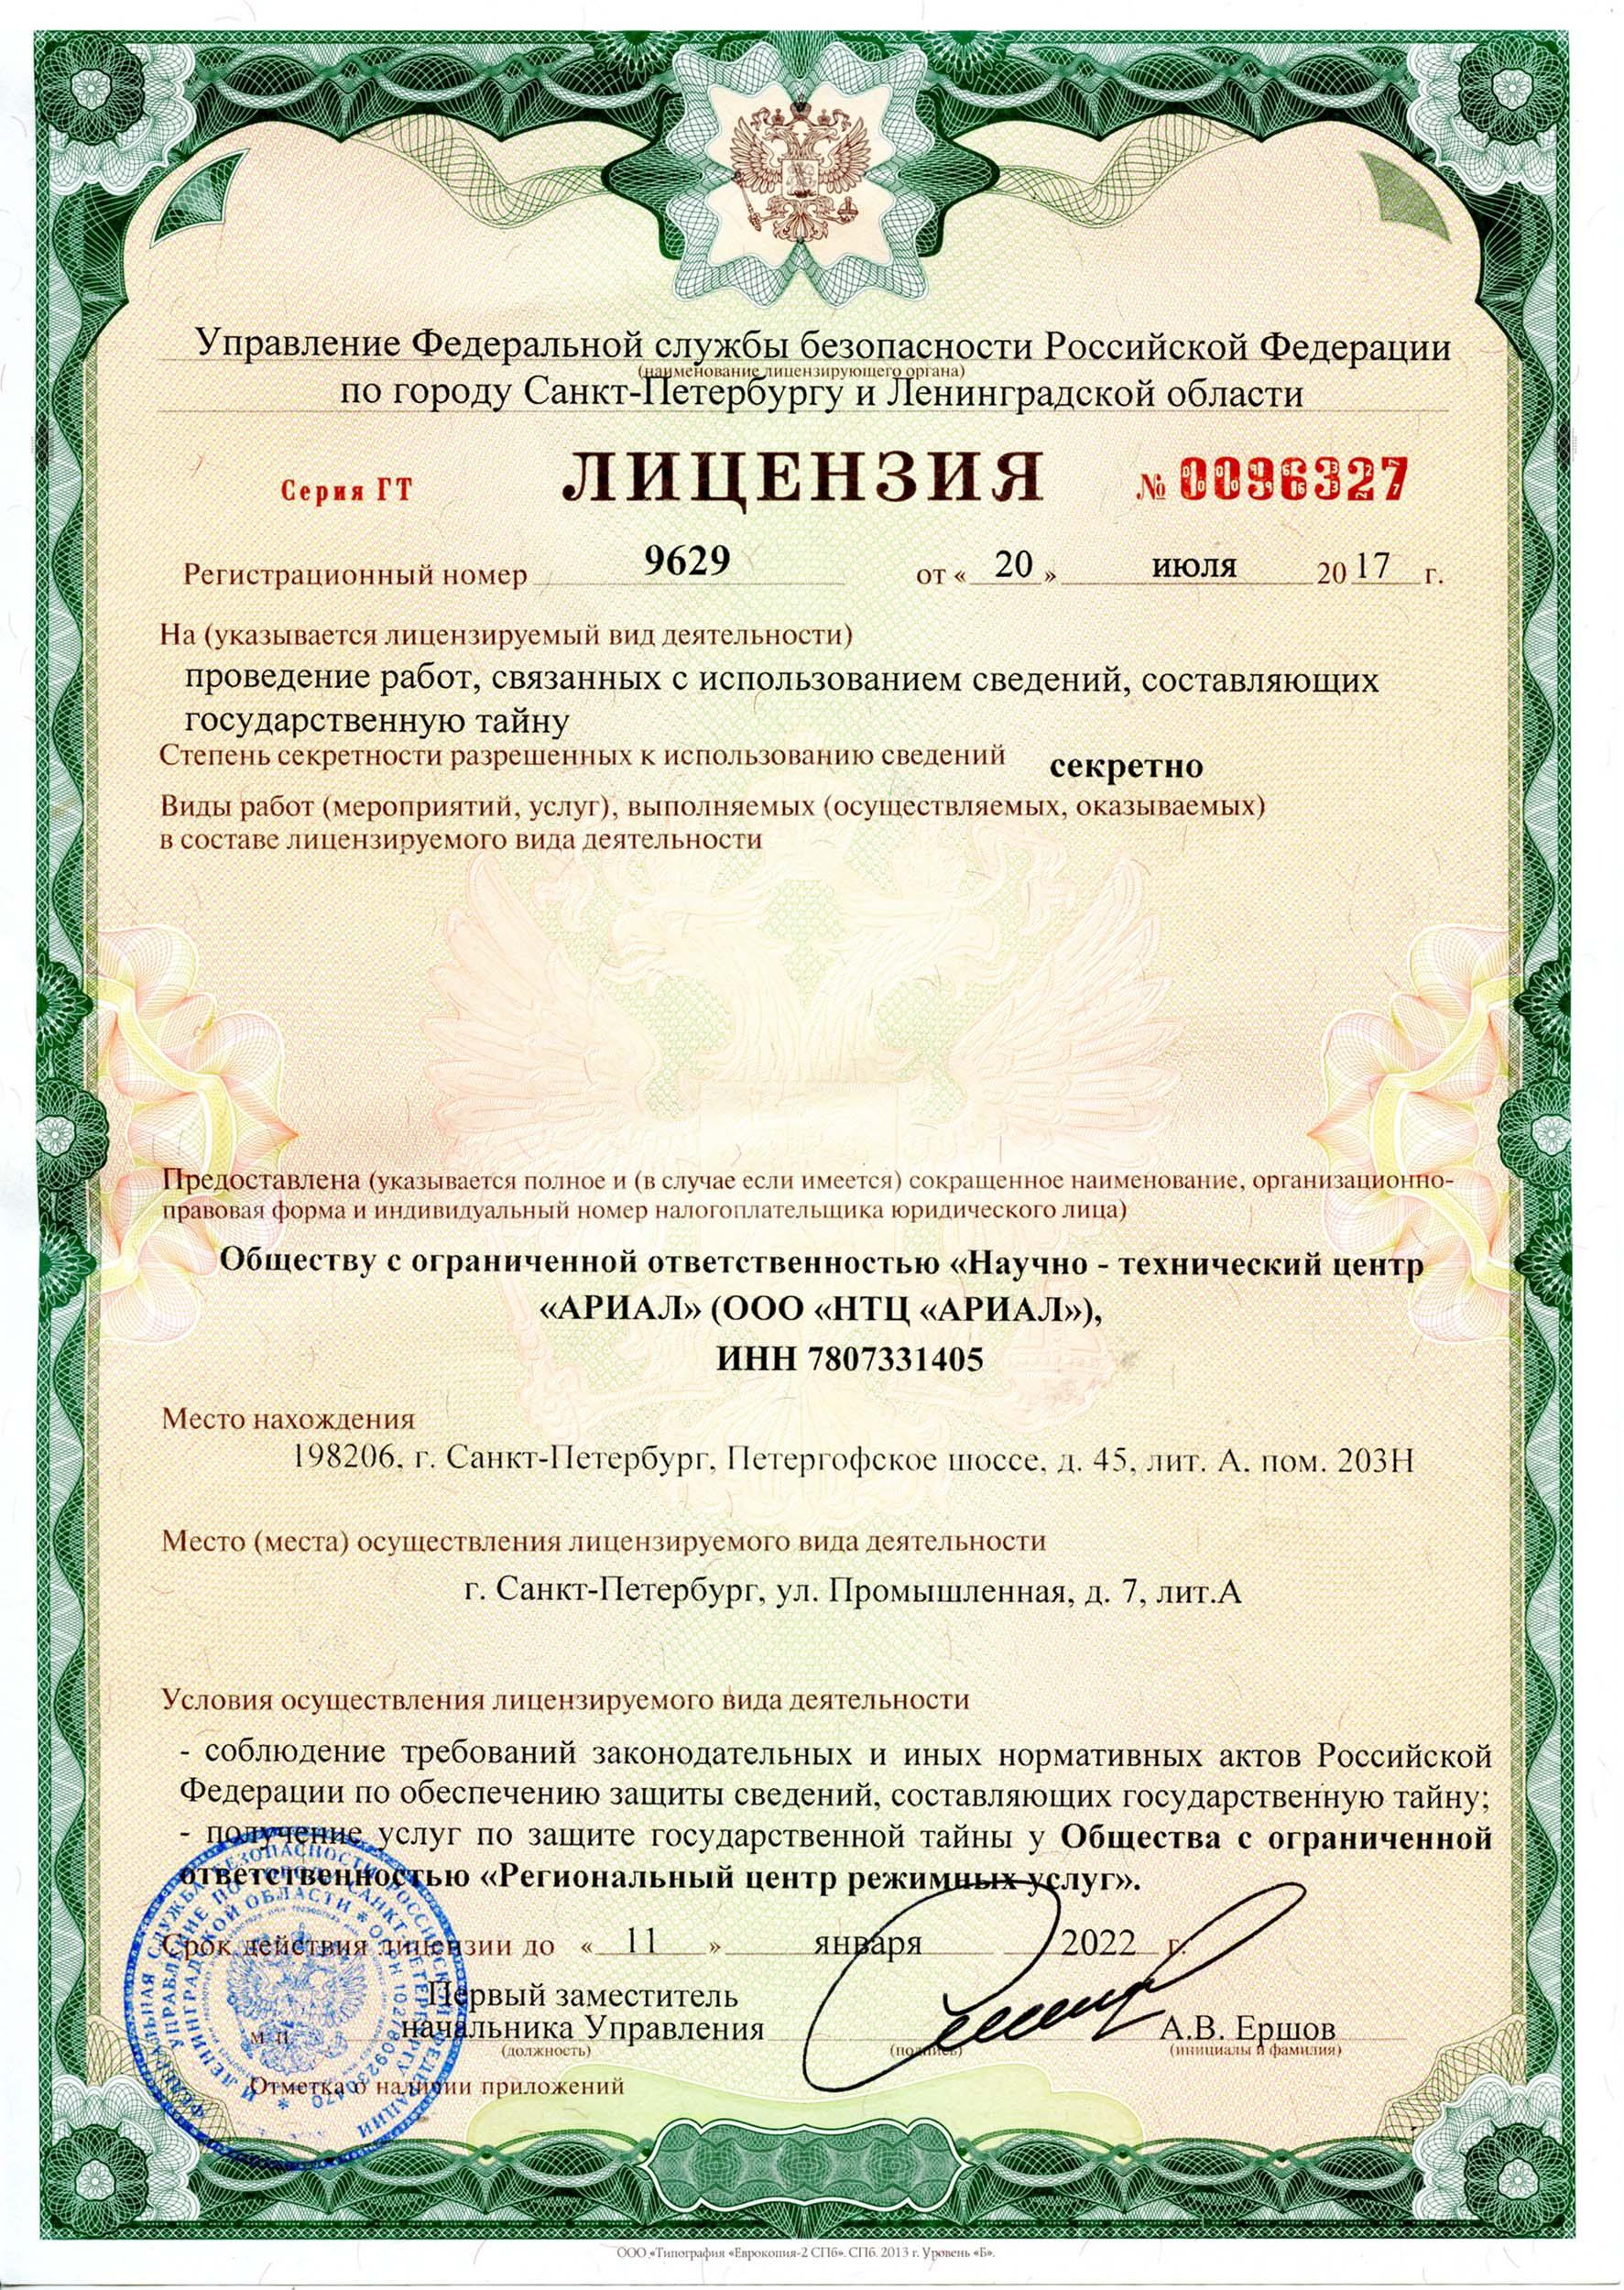 по ГТ-Ариал-на проведение работ-2017 год1